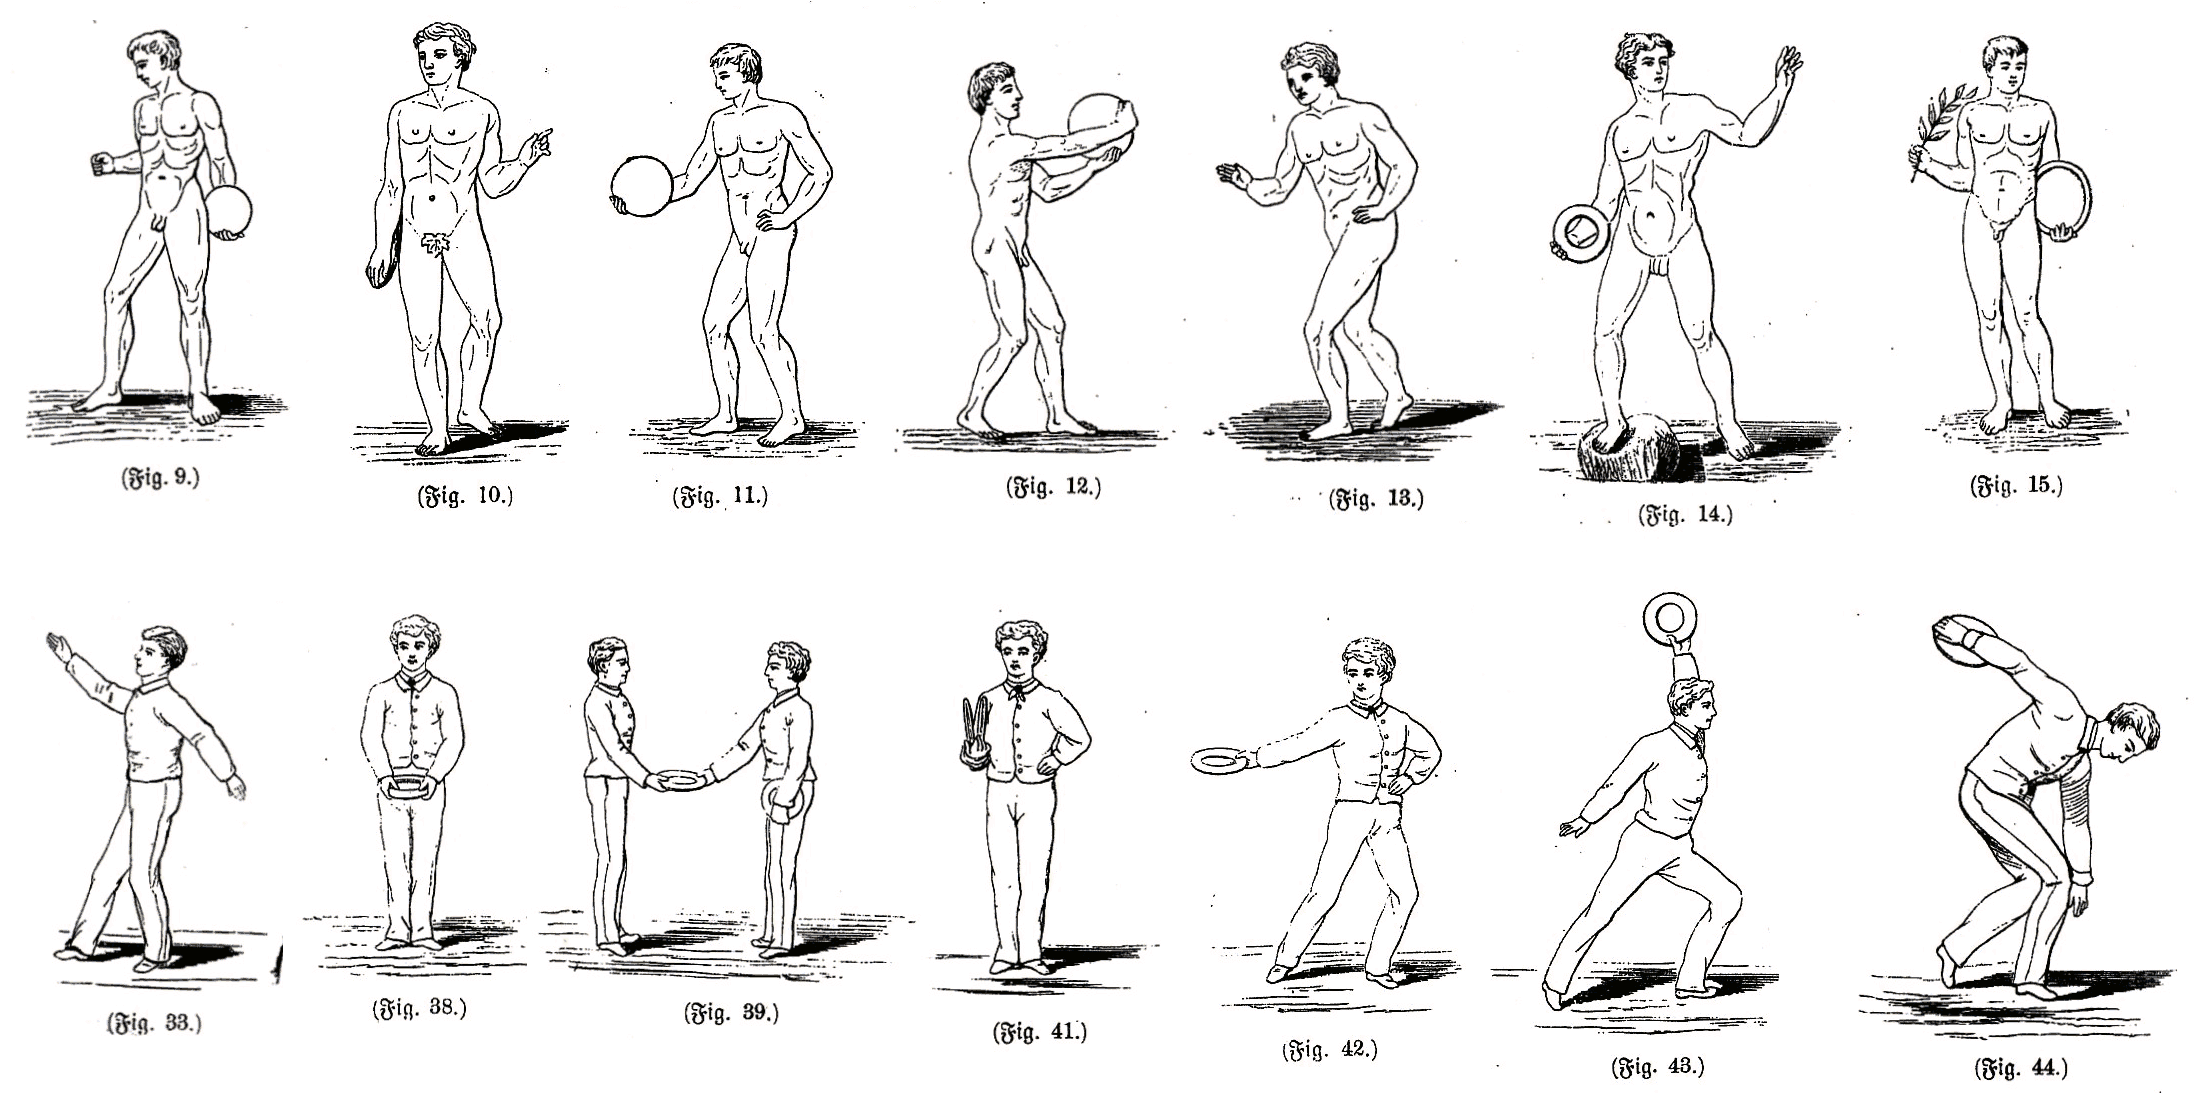 Disziplinen Olympische Spiele